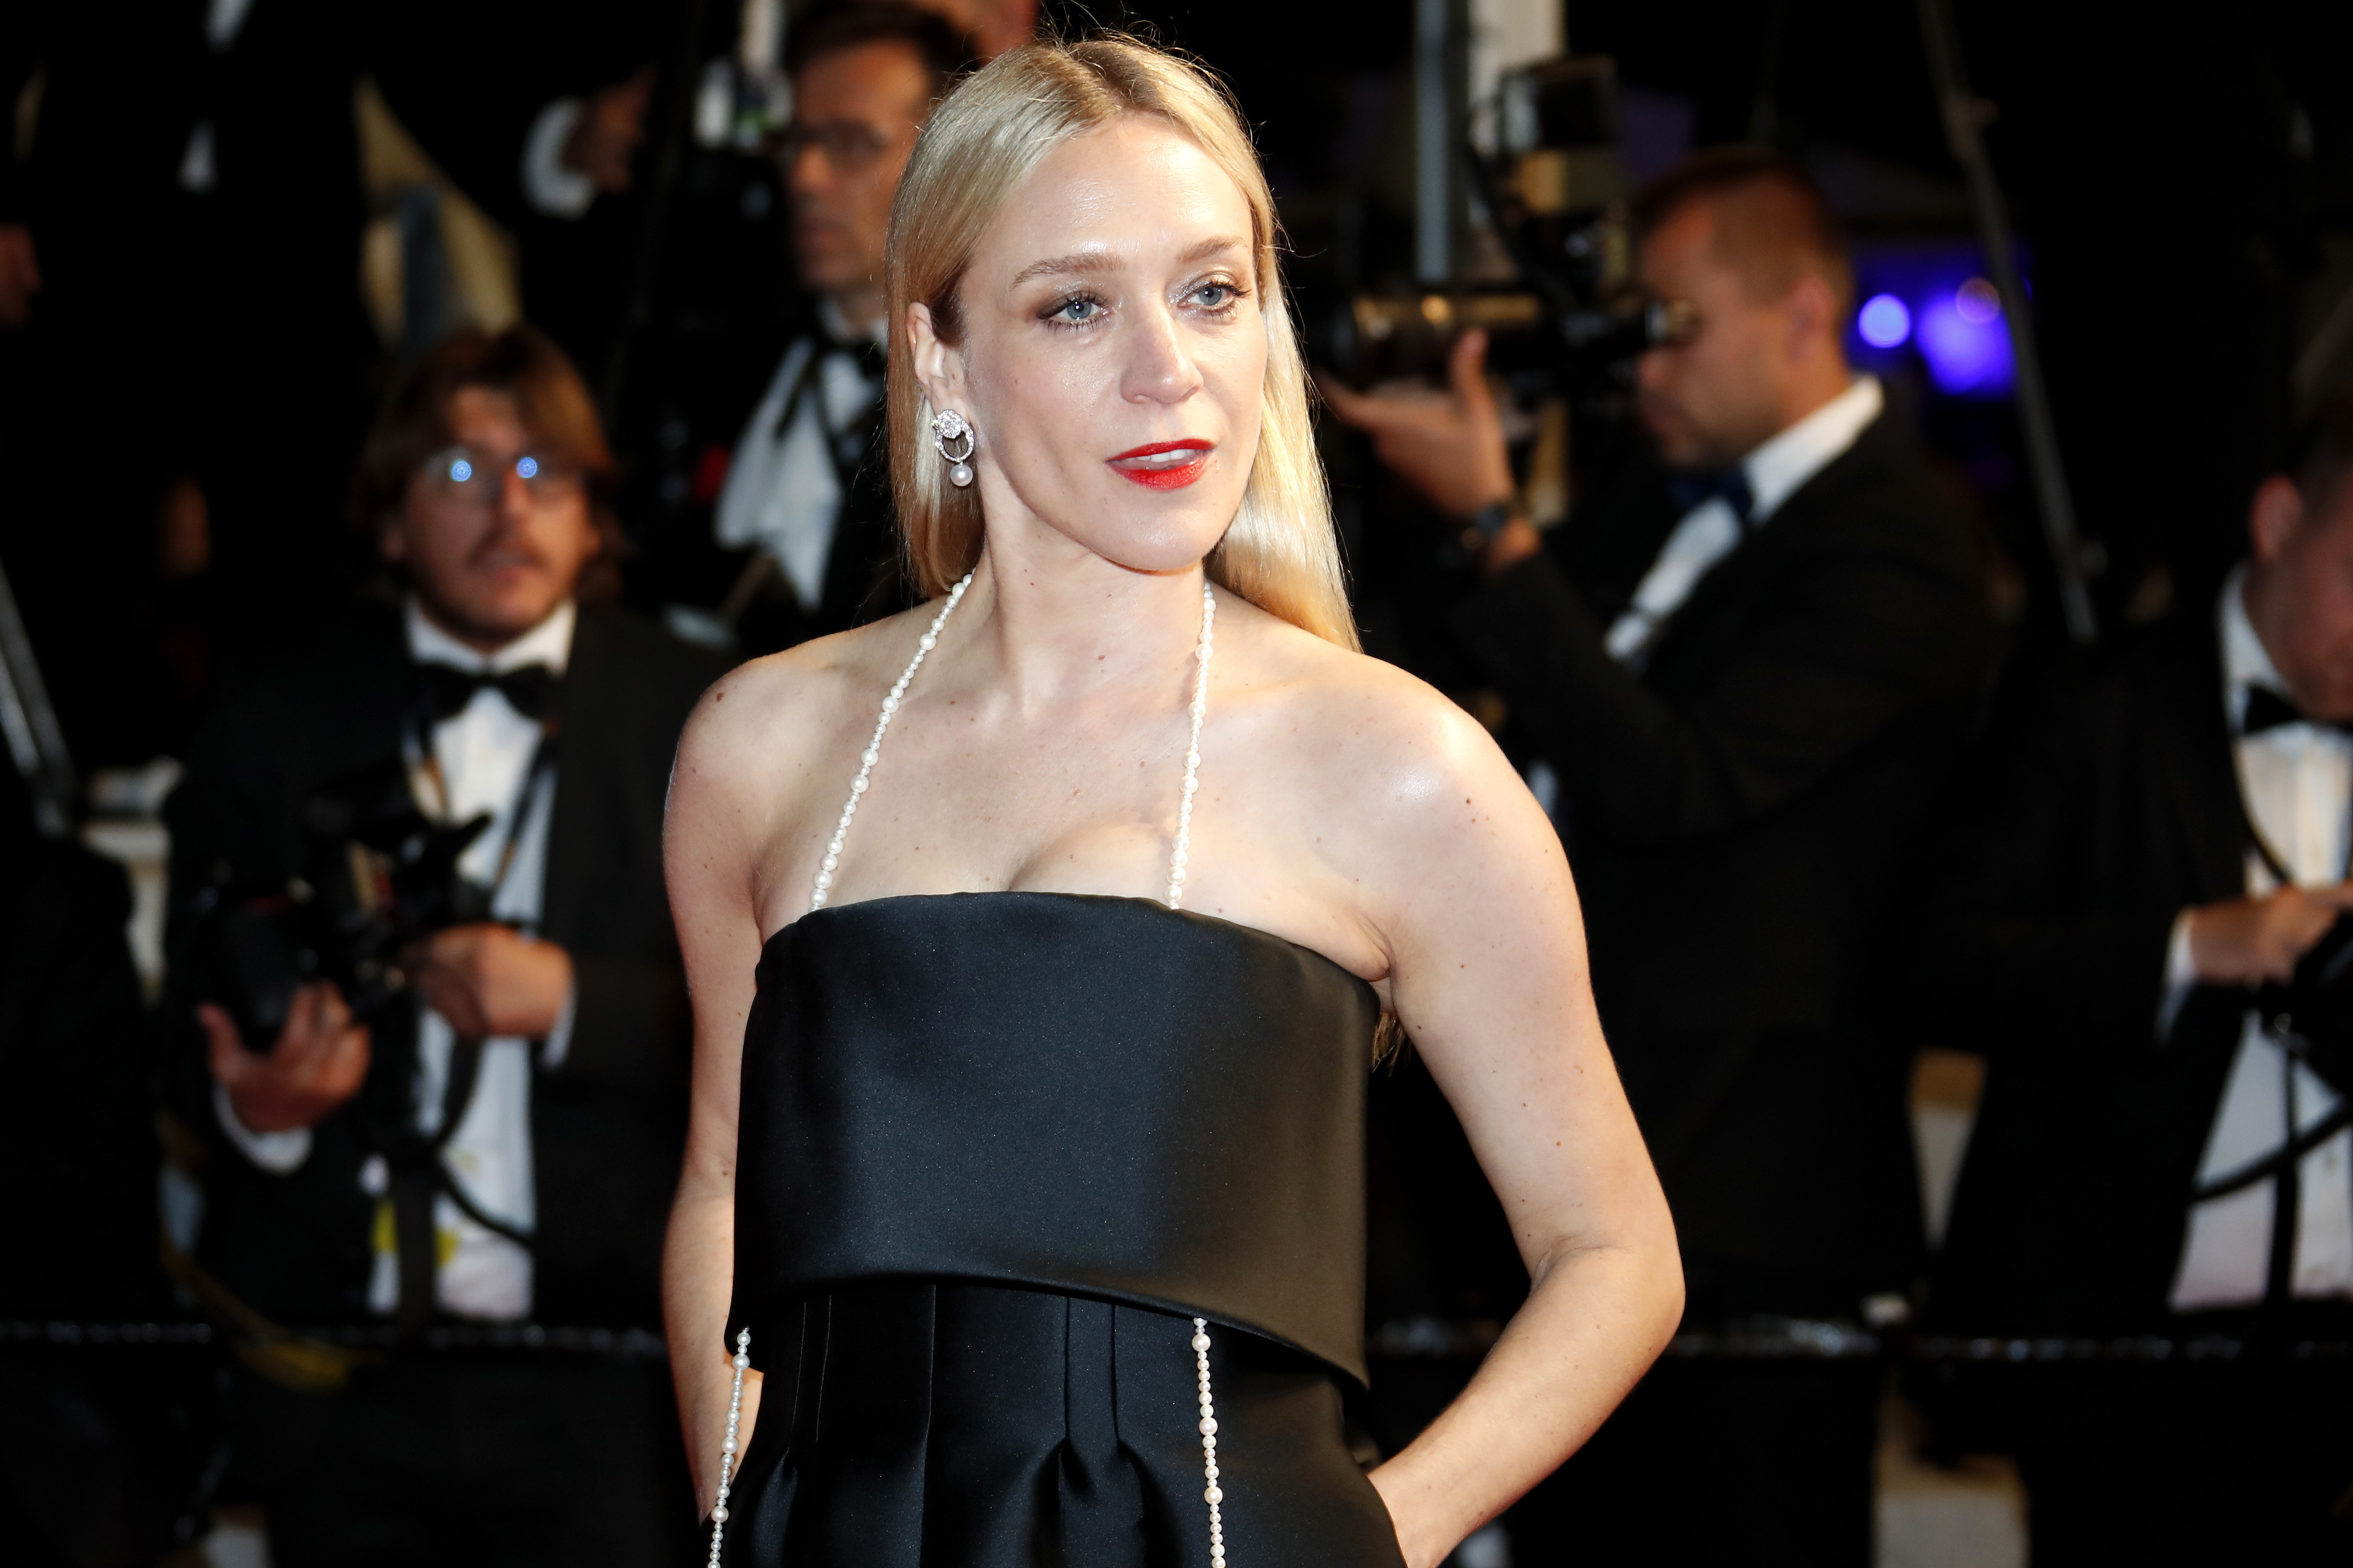 Nova curta realizada por Chloë Sevigny compete pela Palma de Ouro em Cannes